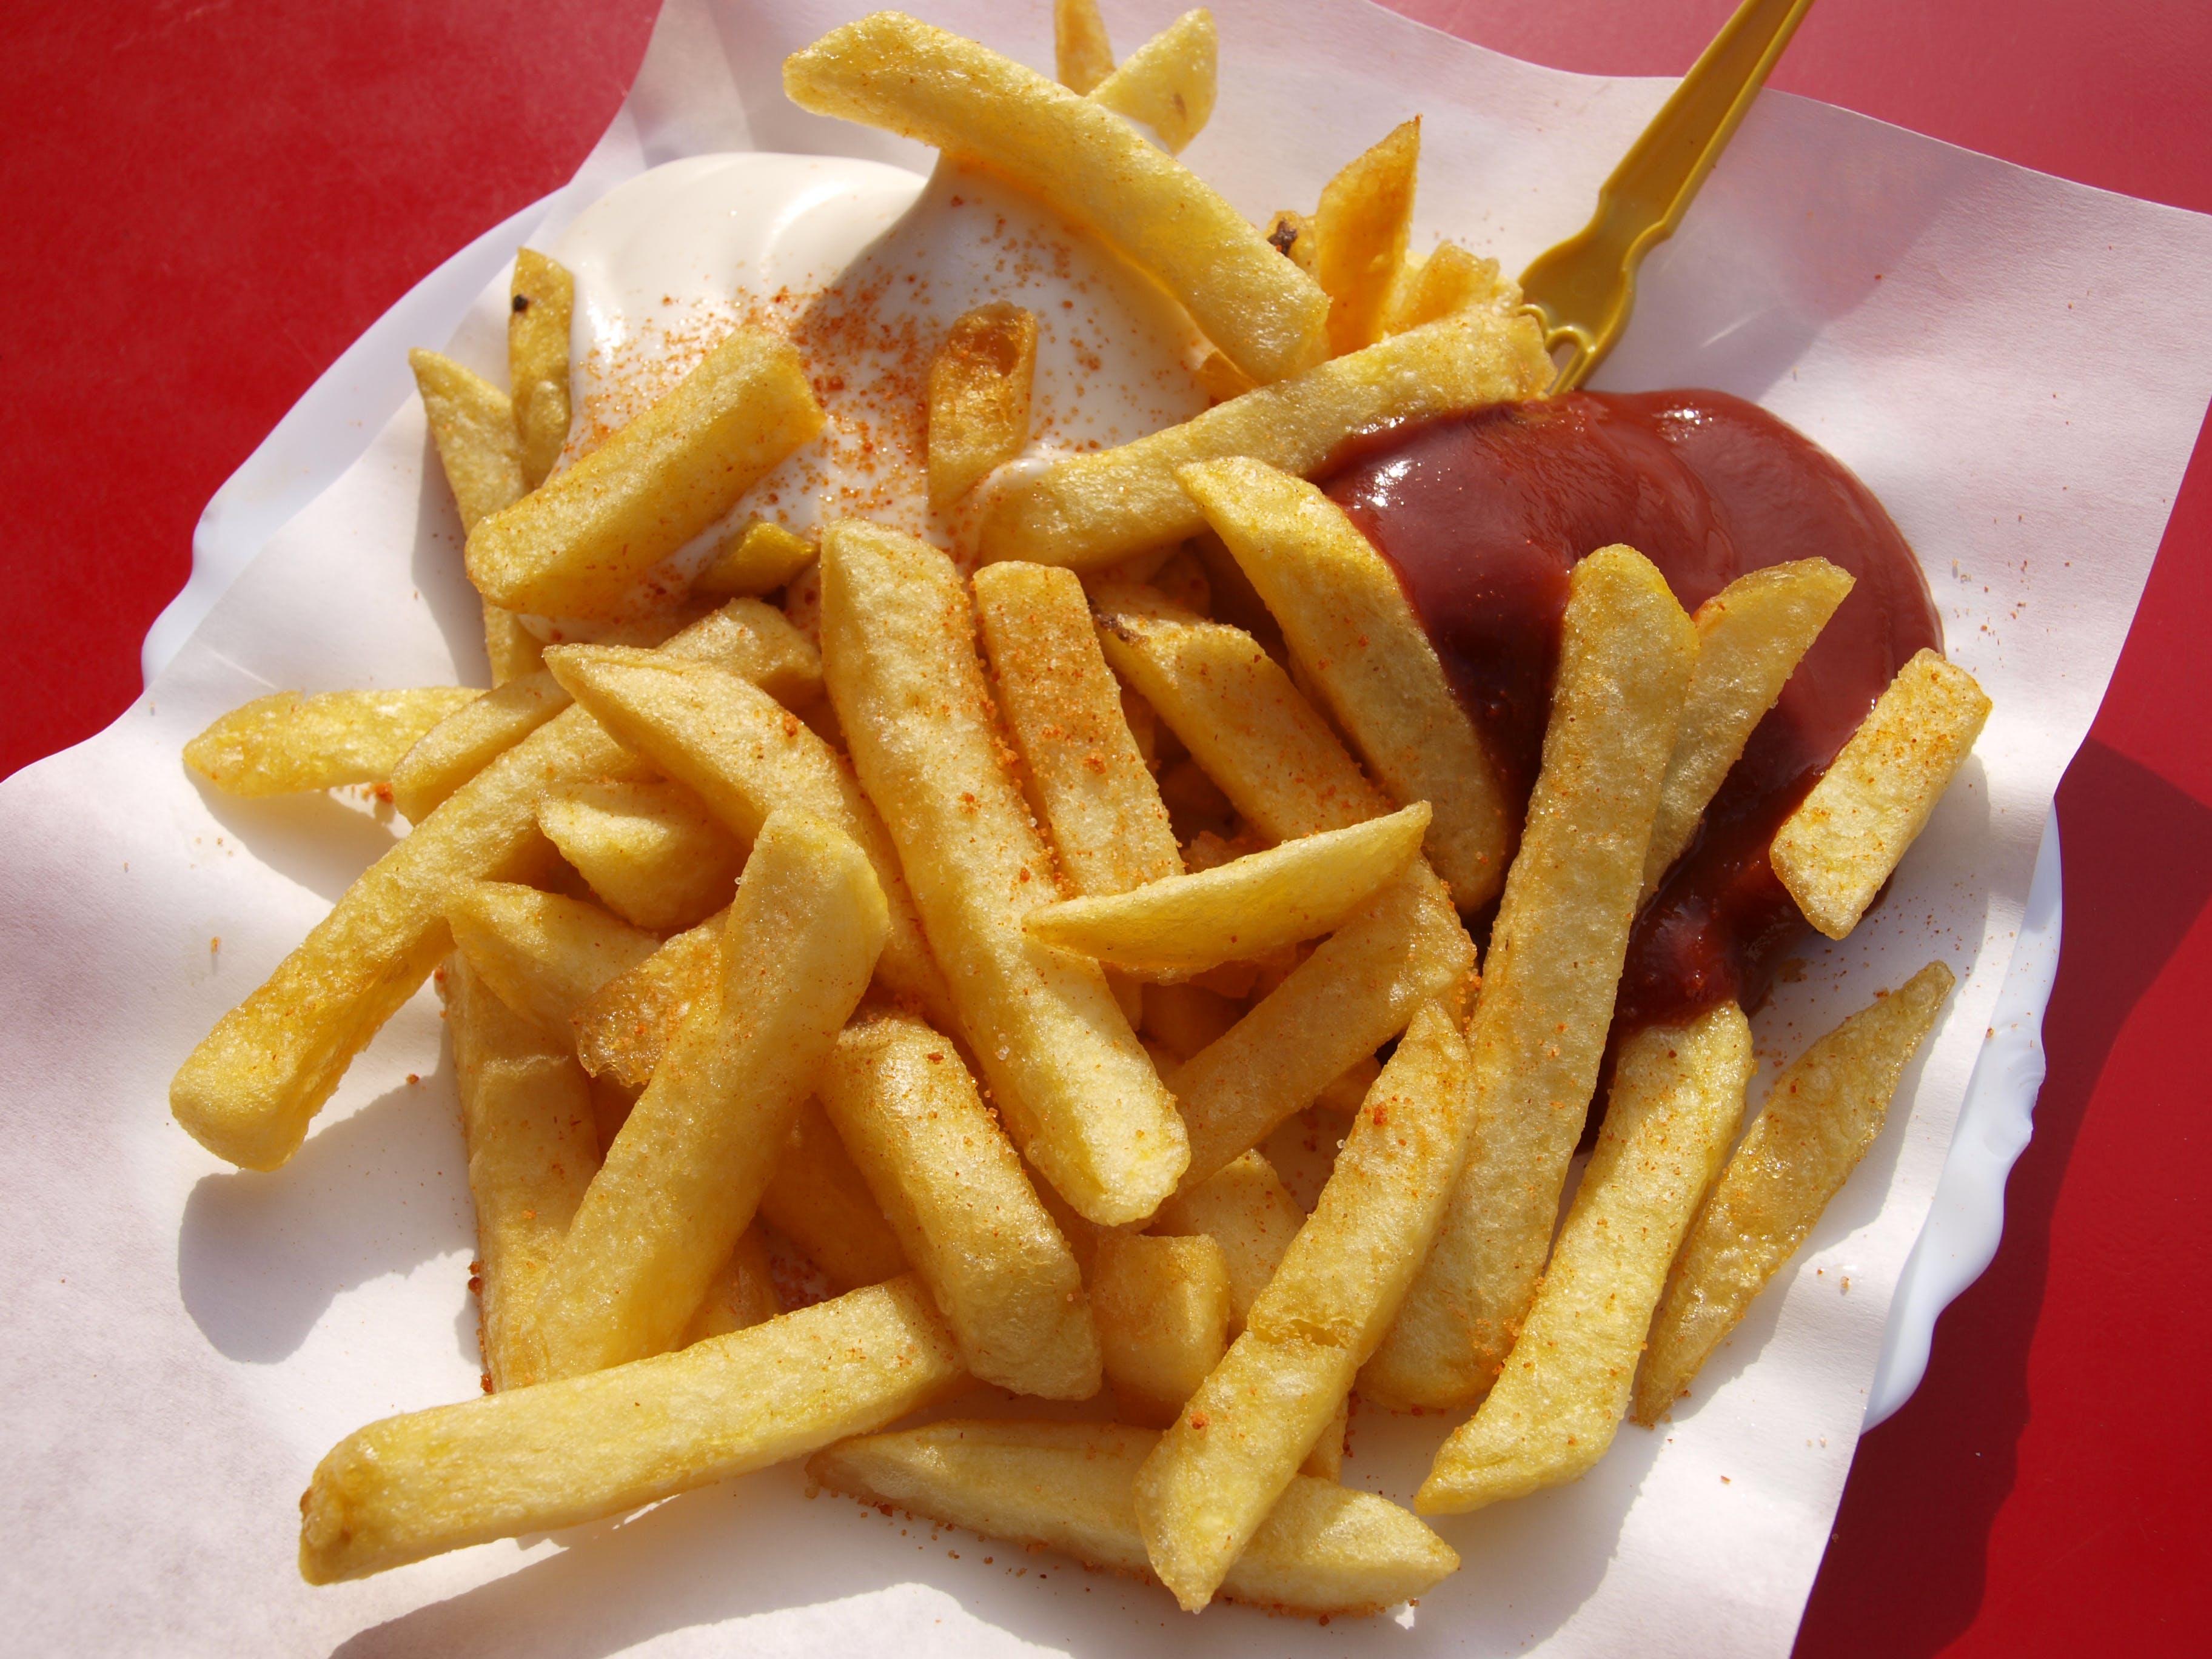 Gratis lagerfoto af fastfood, ketchup, mad, pommes frites